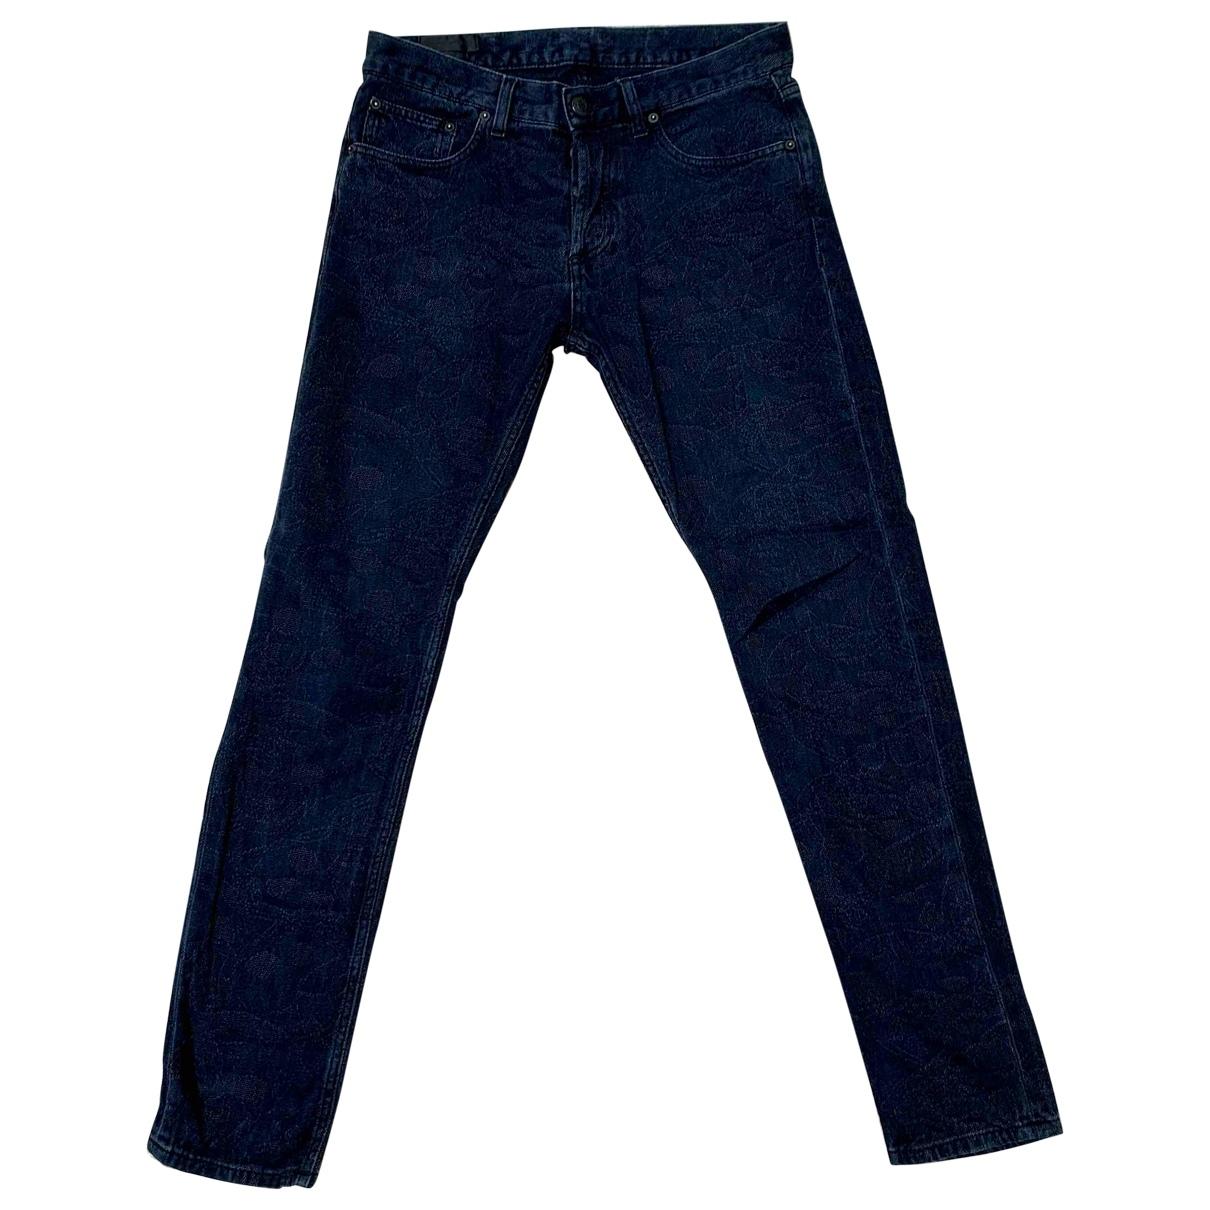 Alexander Mcqueen \N Navy Cotton Trousers for Men 30 UK - US